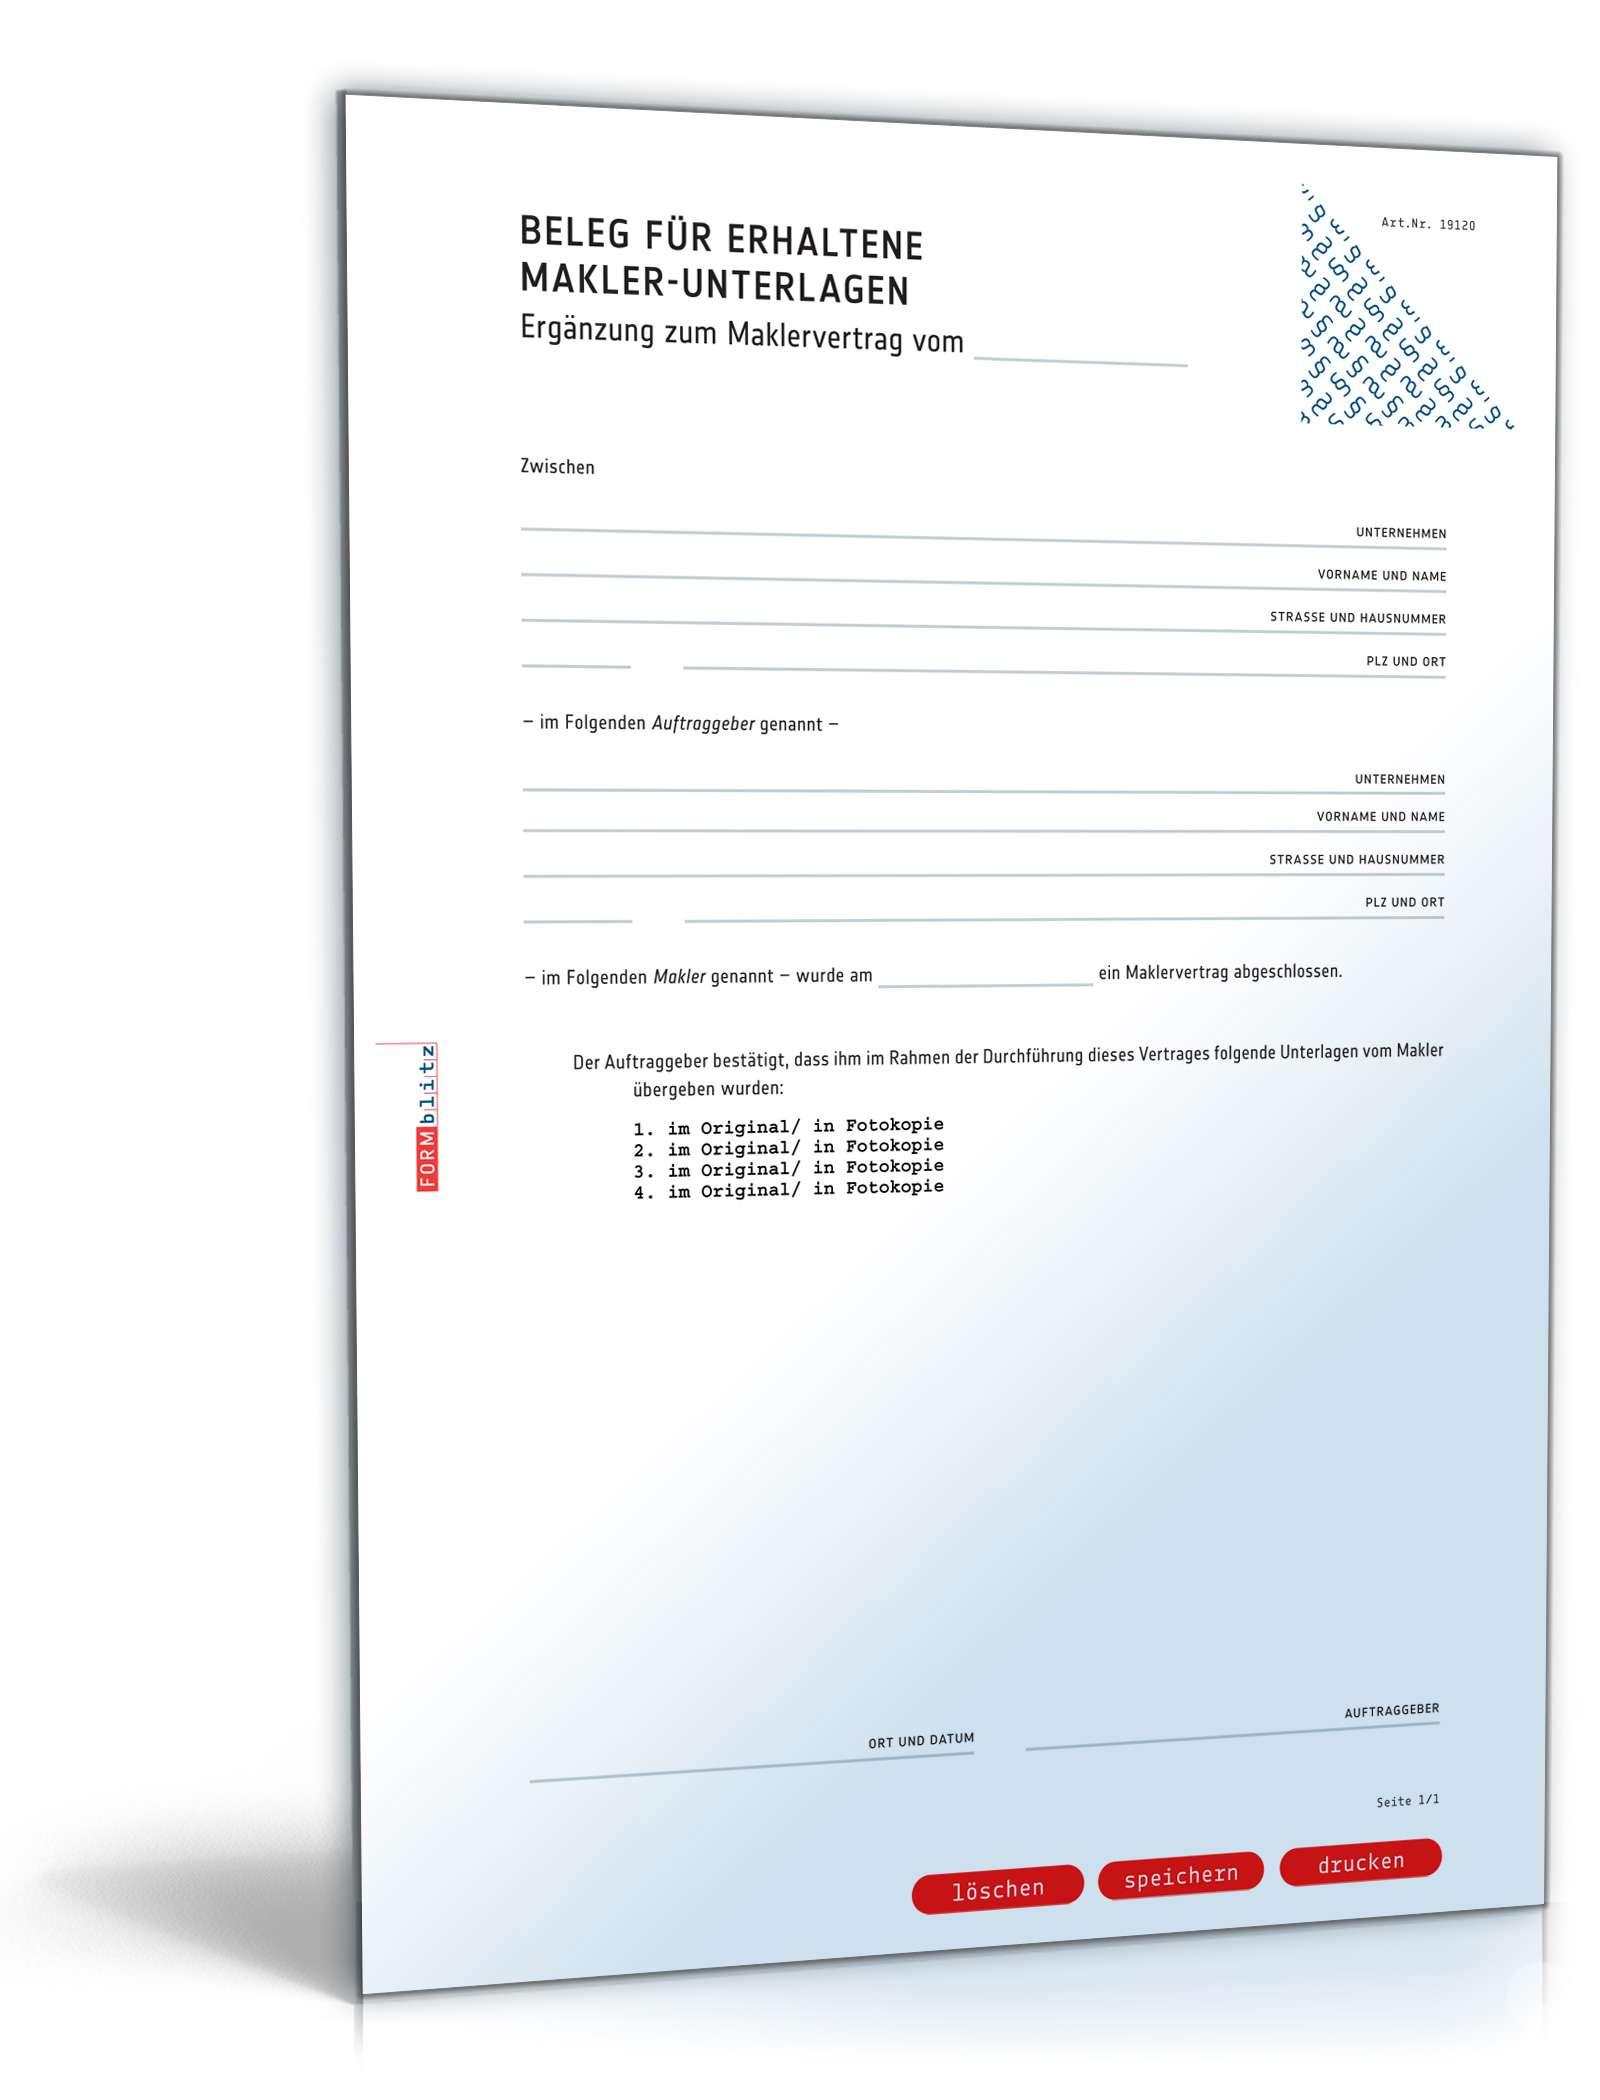 Quittung Maklerunterlagen | Vorlage zum Download